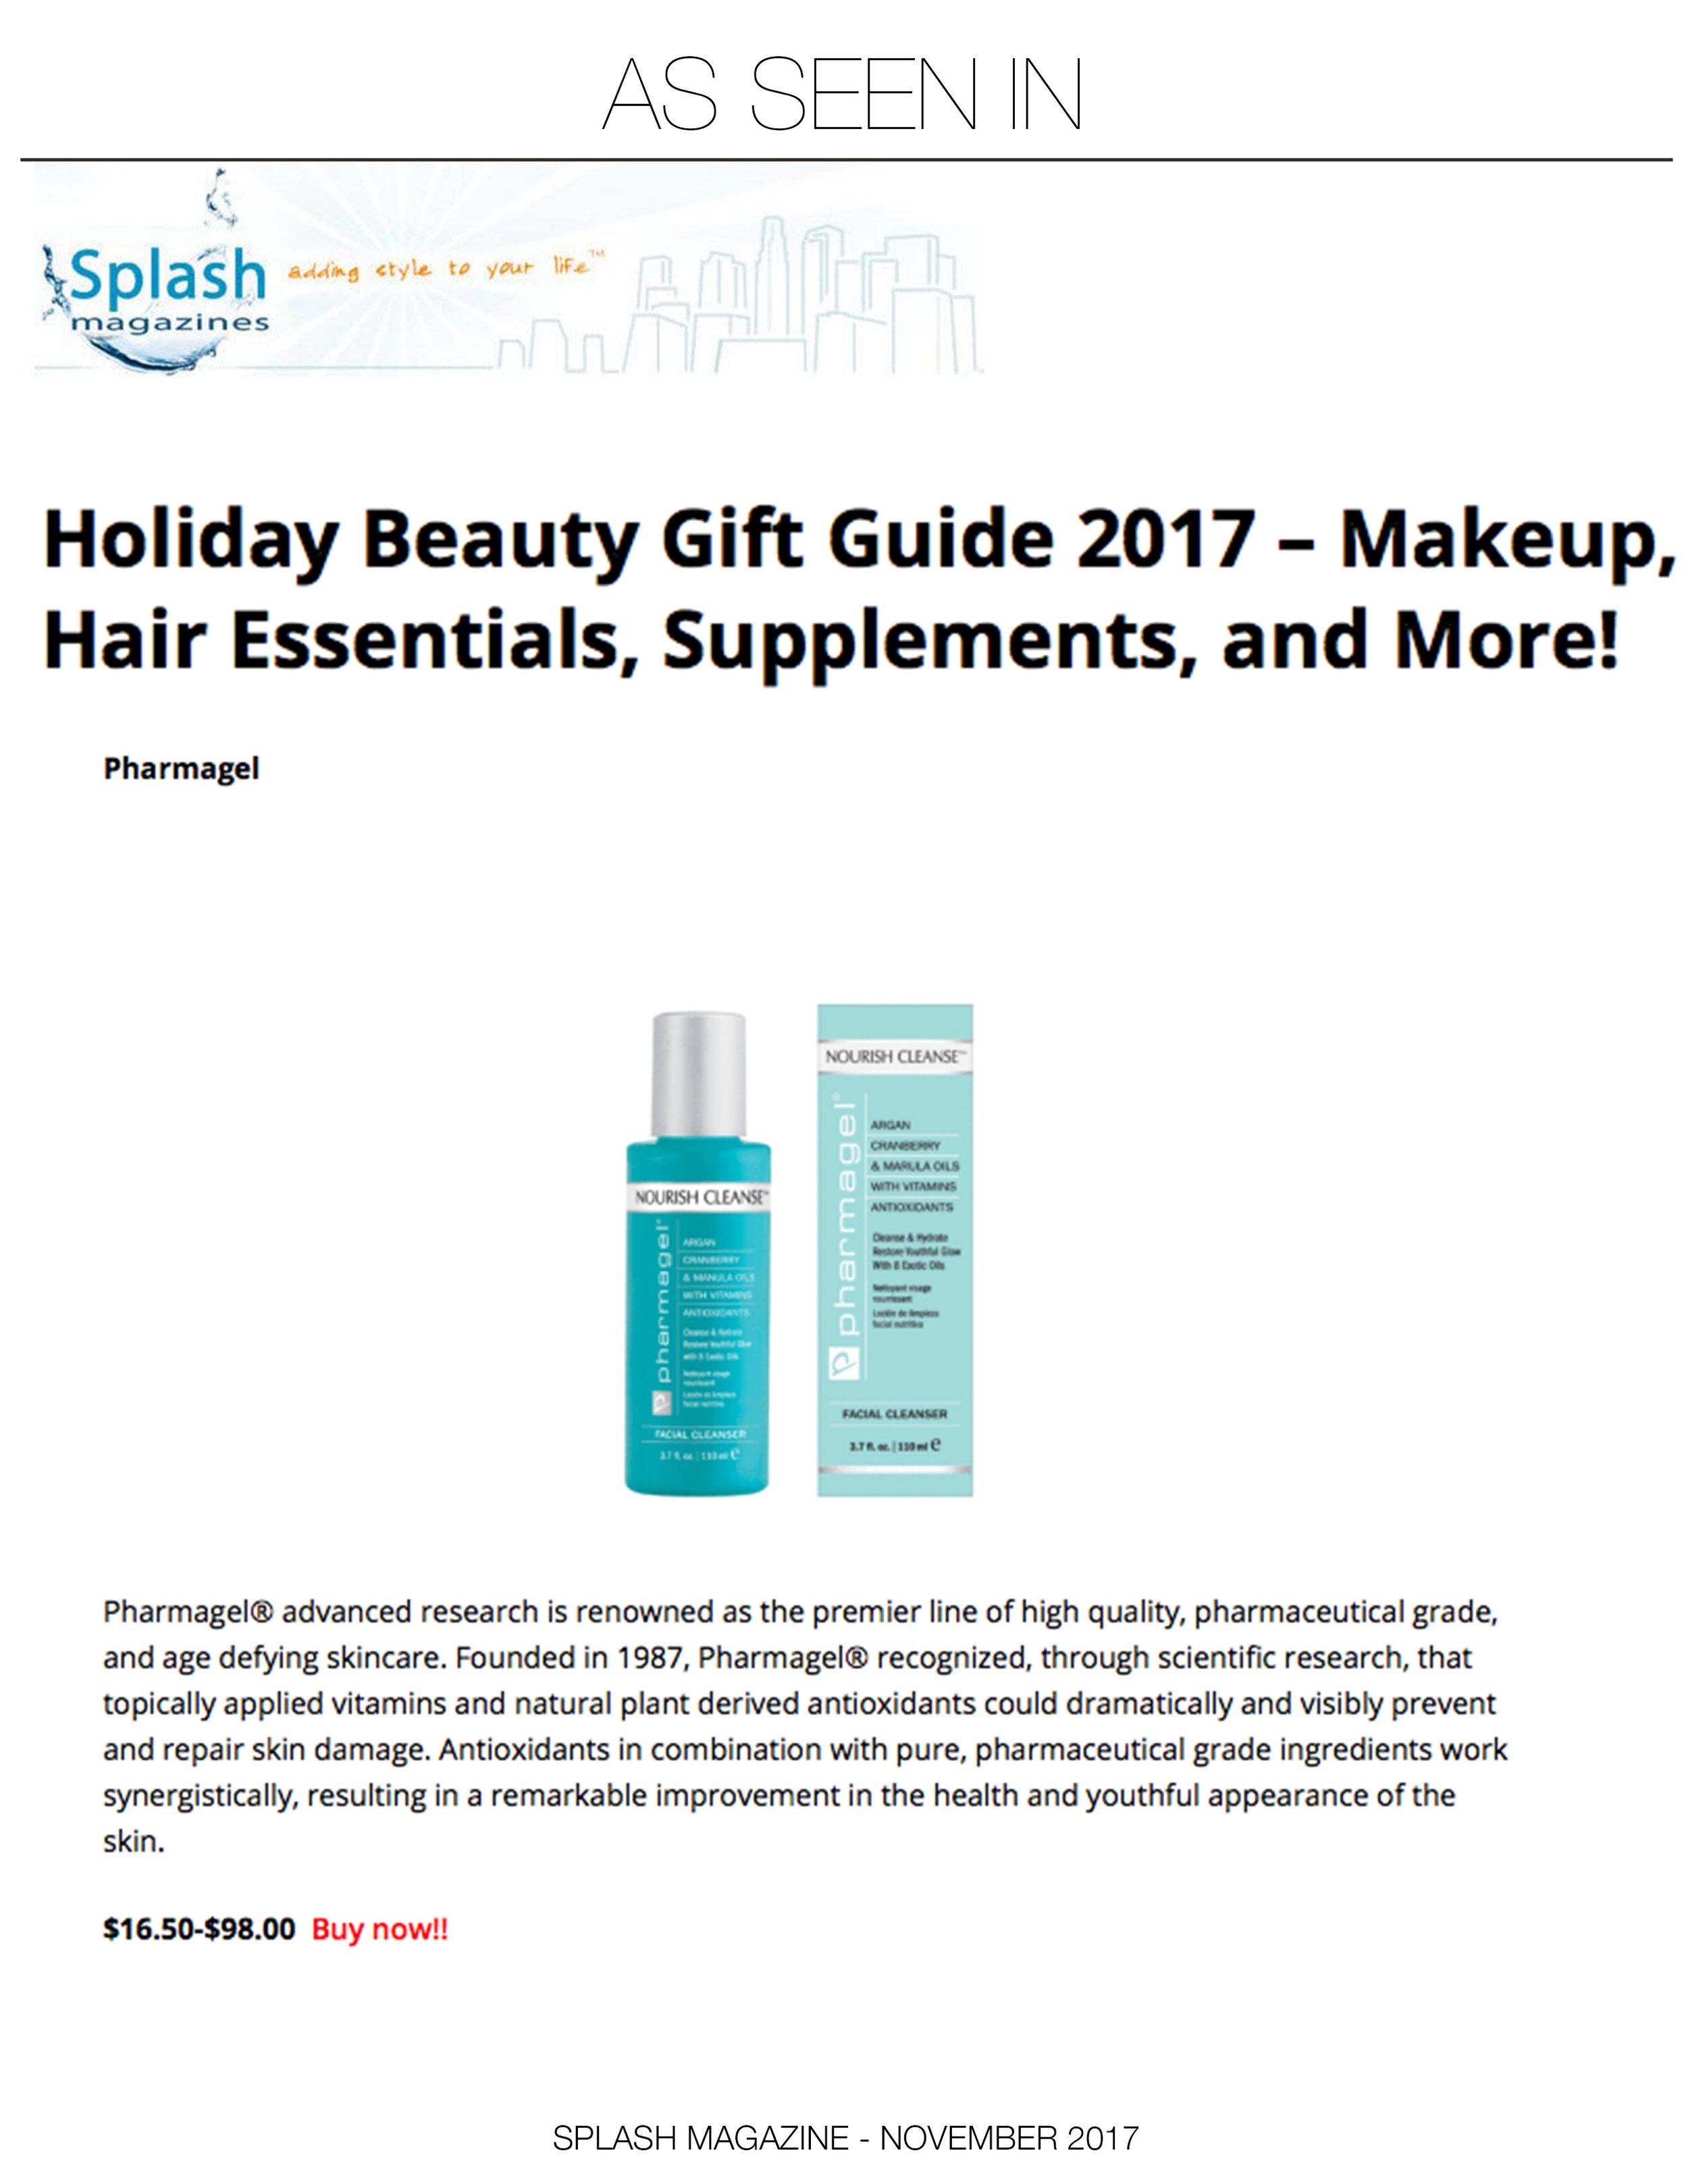 Pharmagel_SplashMagazine_November2017.jpg